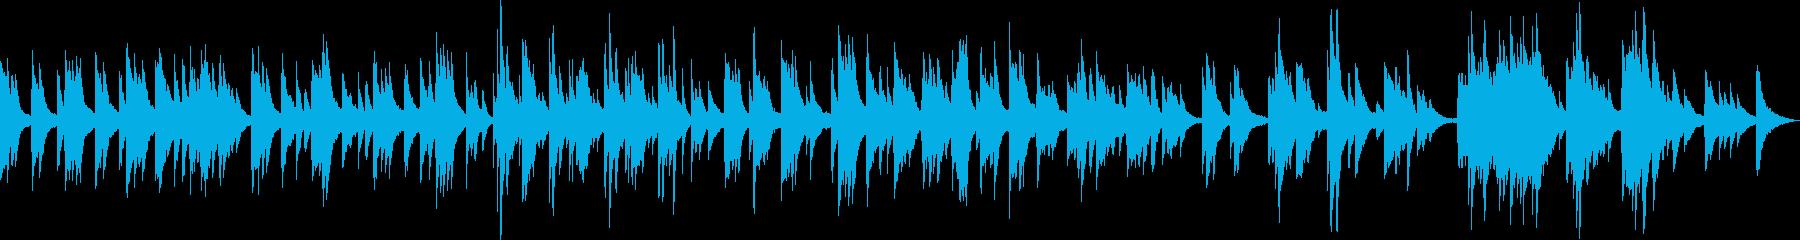 さりげなく優しいイメージのピアノ曲の再生済みの波形